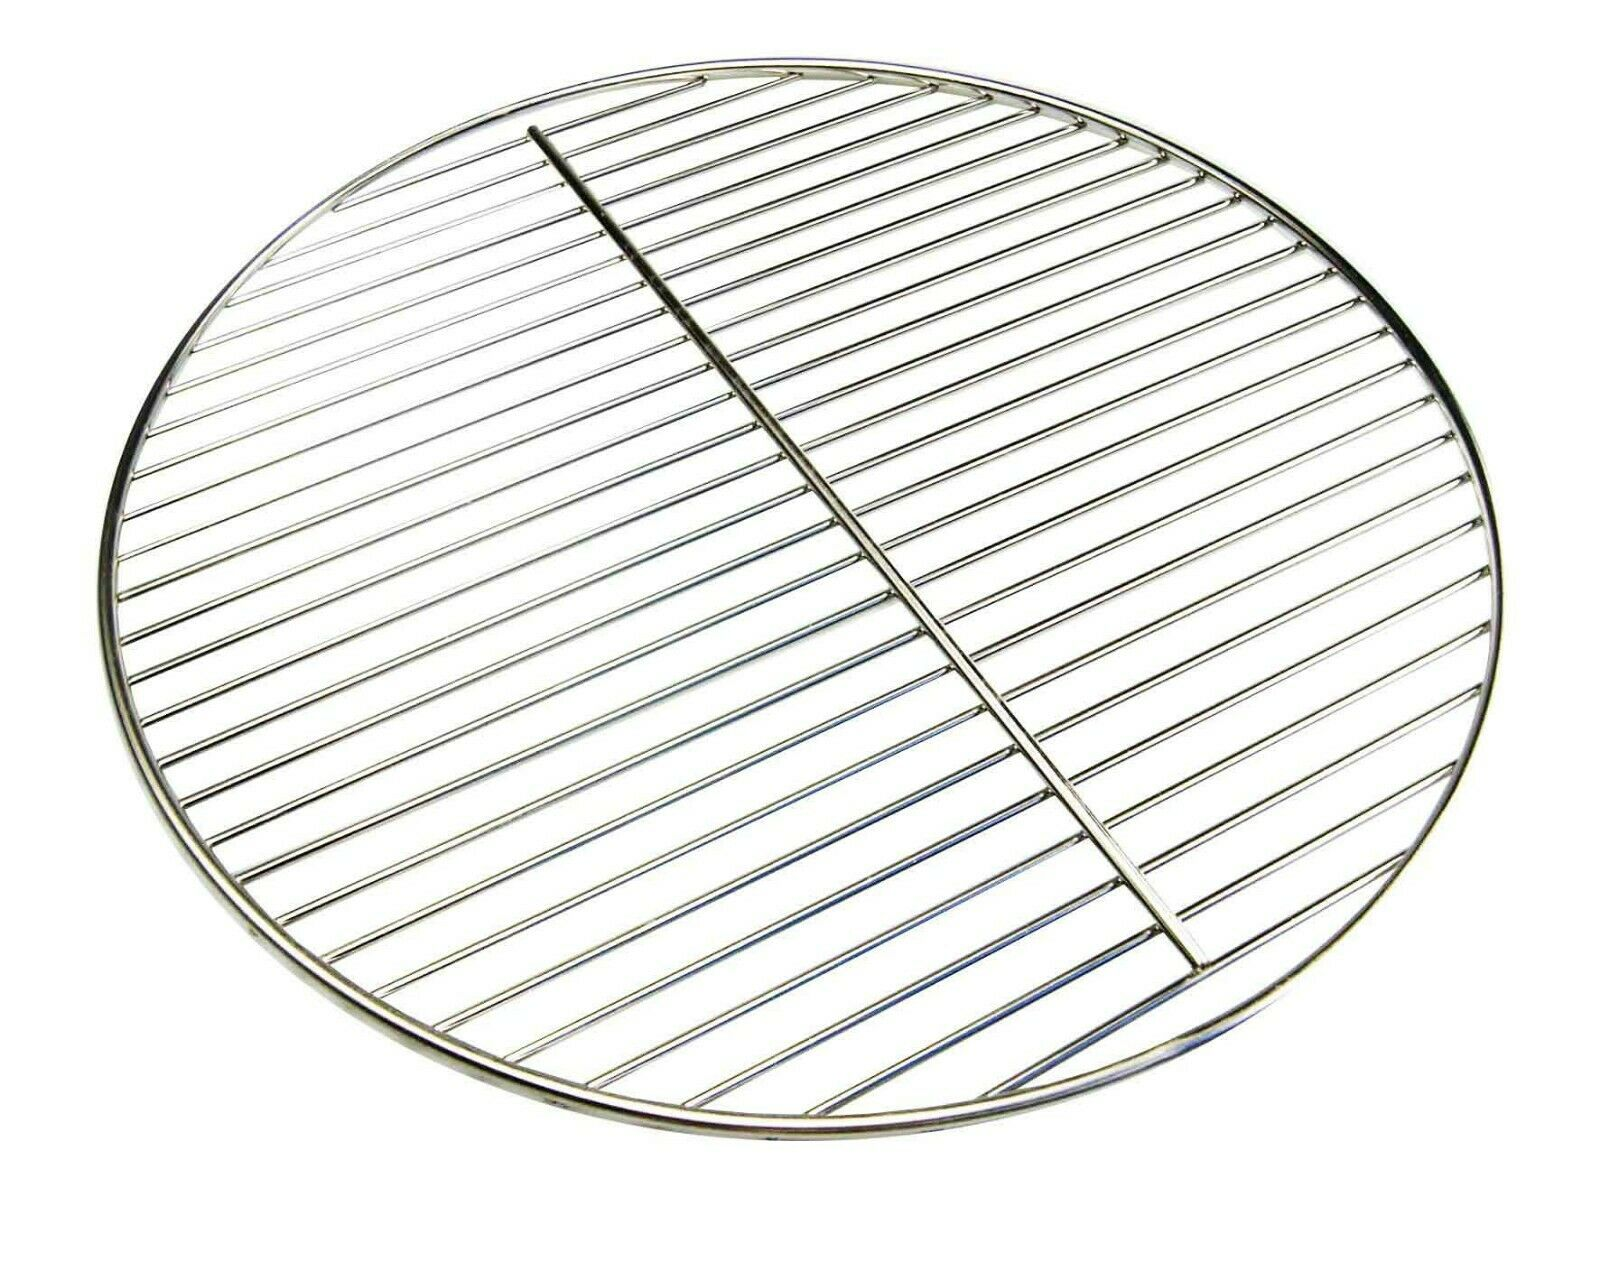 Edelstahl Grillrost passt für 37/47/57/67 cm Kugelgrill auch für Weber rund